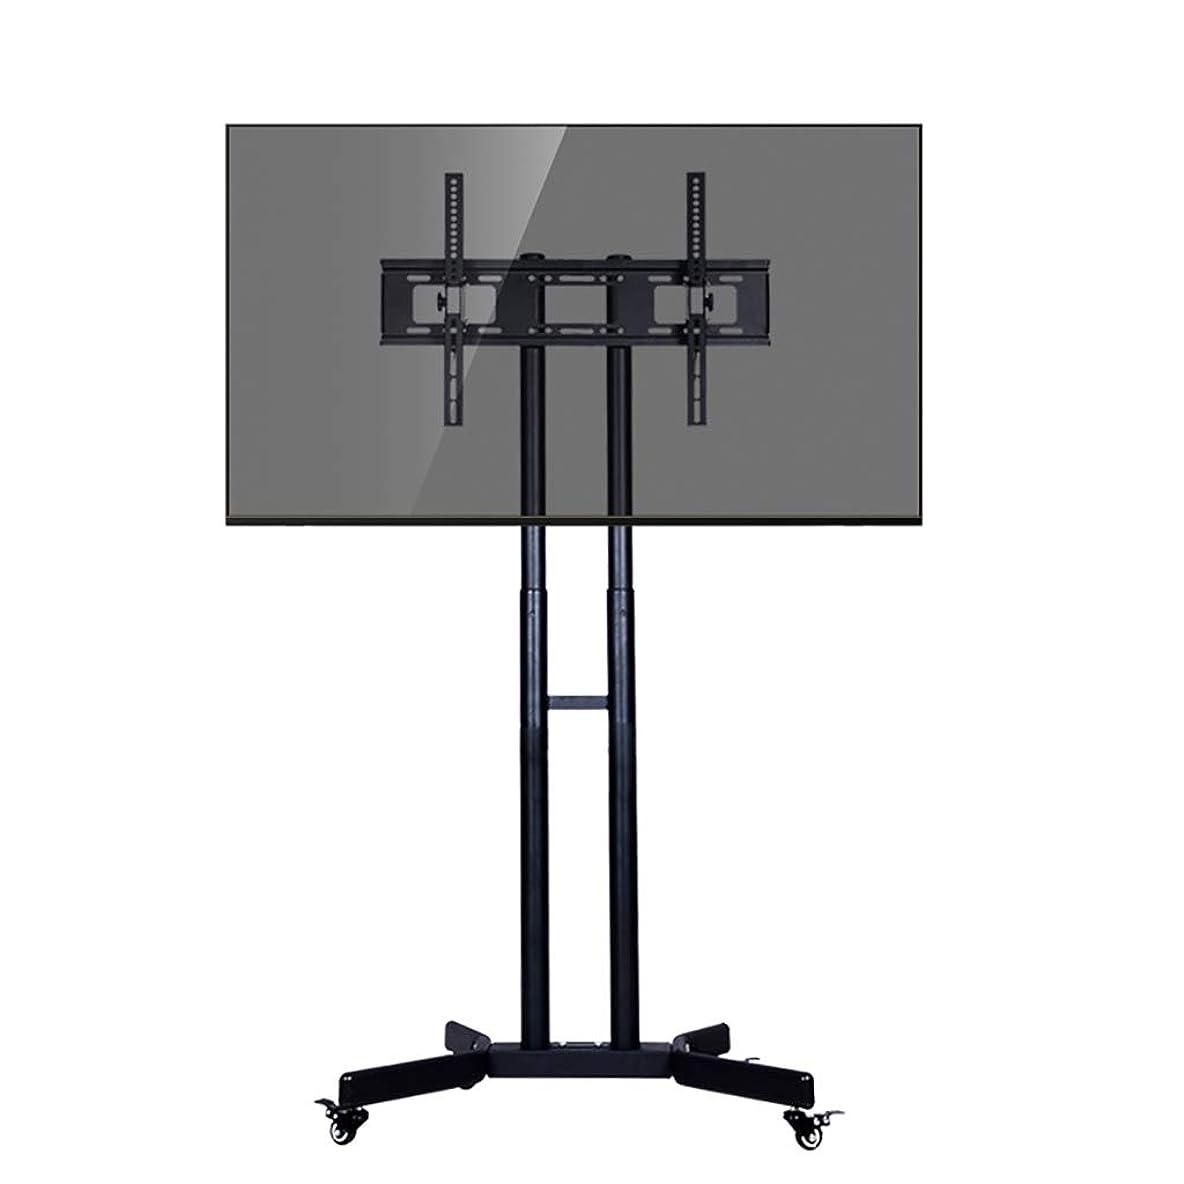 自由公平ハミングバードVESA 32-65インチのプラズマ/ LCD/LED(137cm)用の可動式カートスタンド (色 : B)